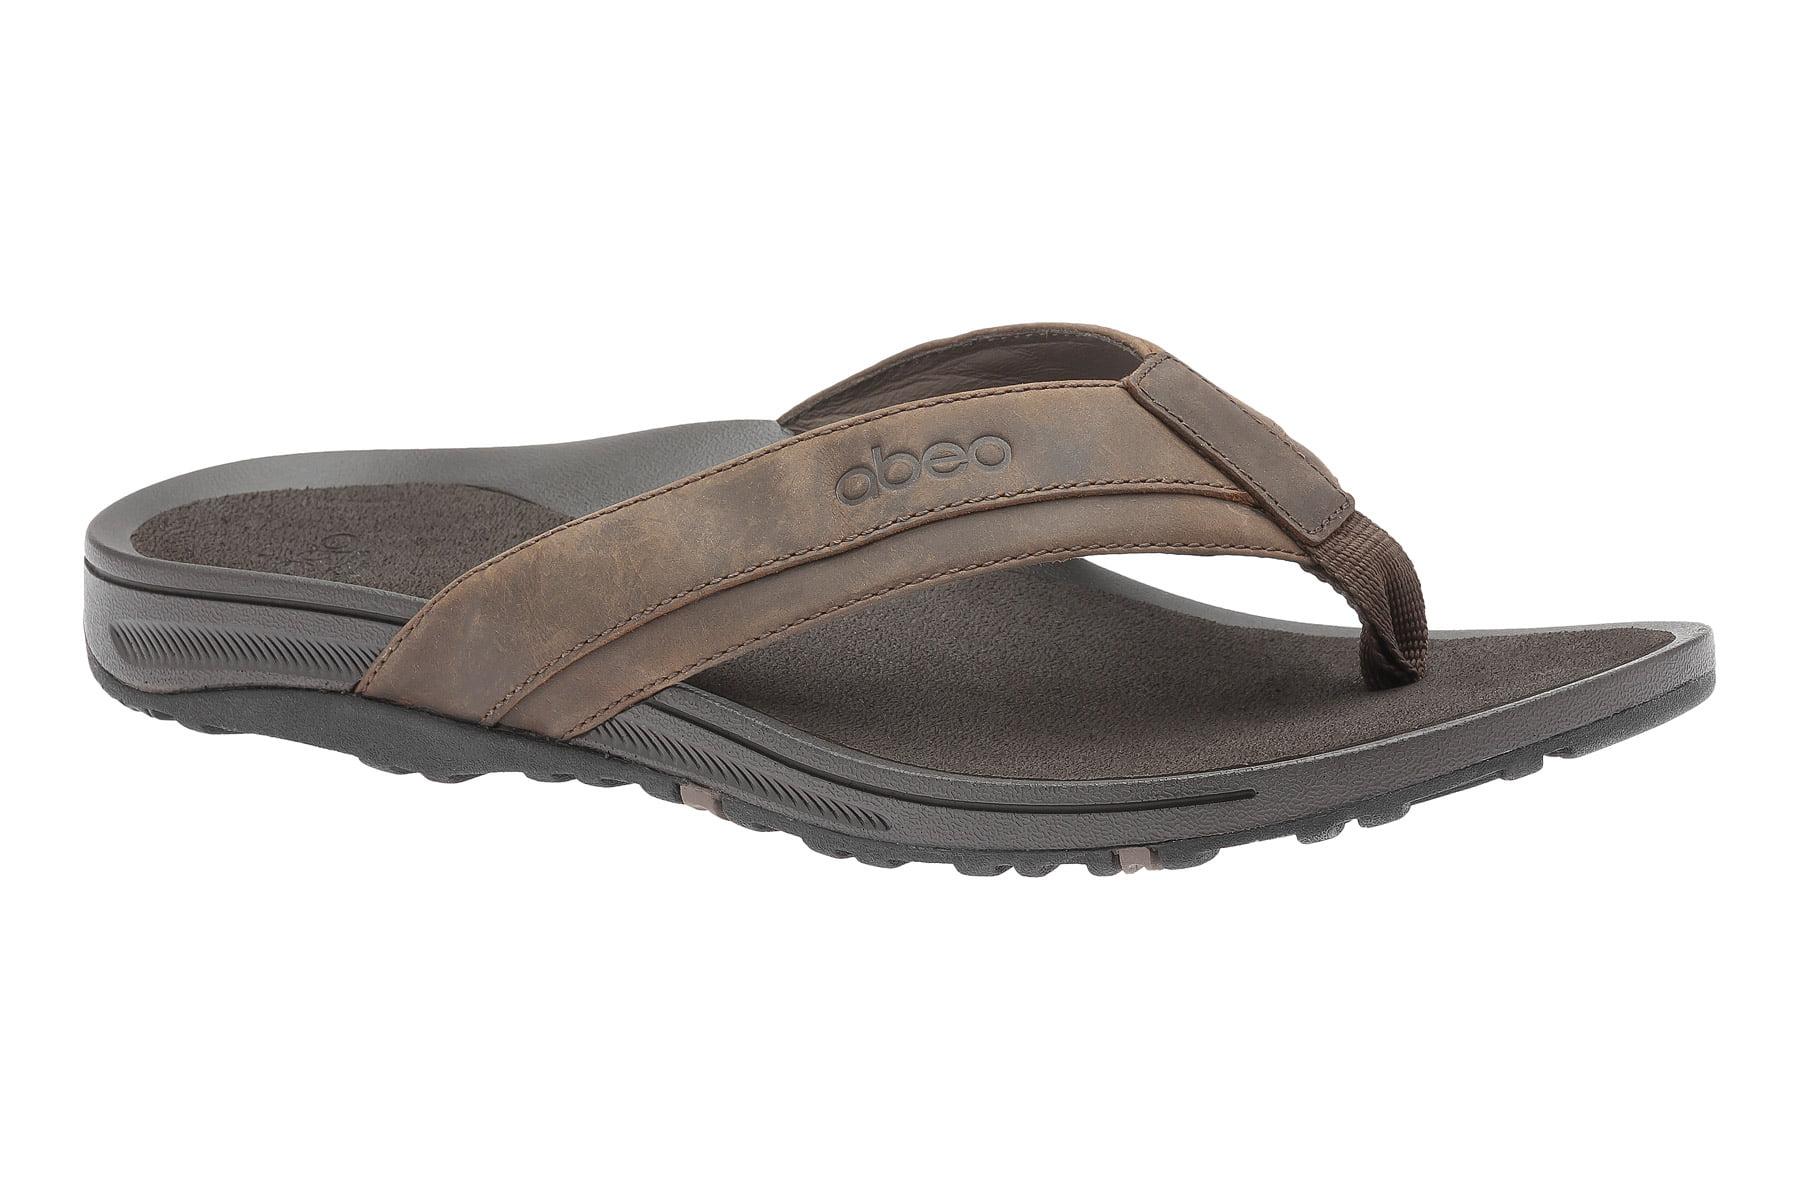 Avalon Neutral - Flip Flop Sandals